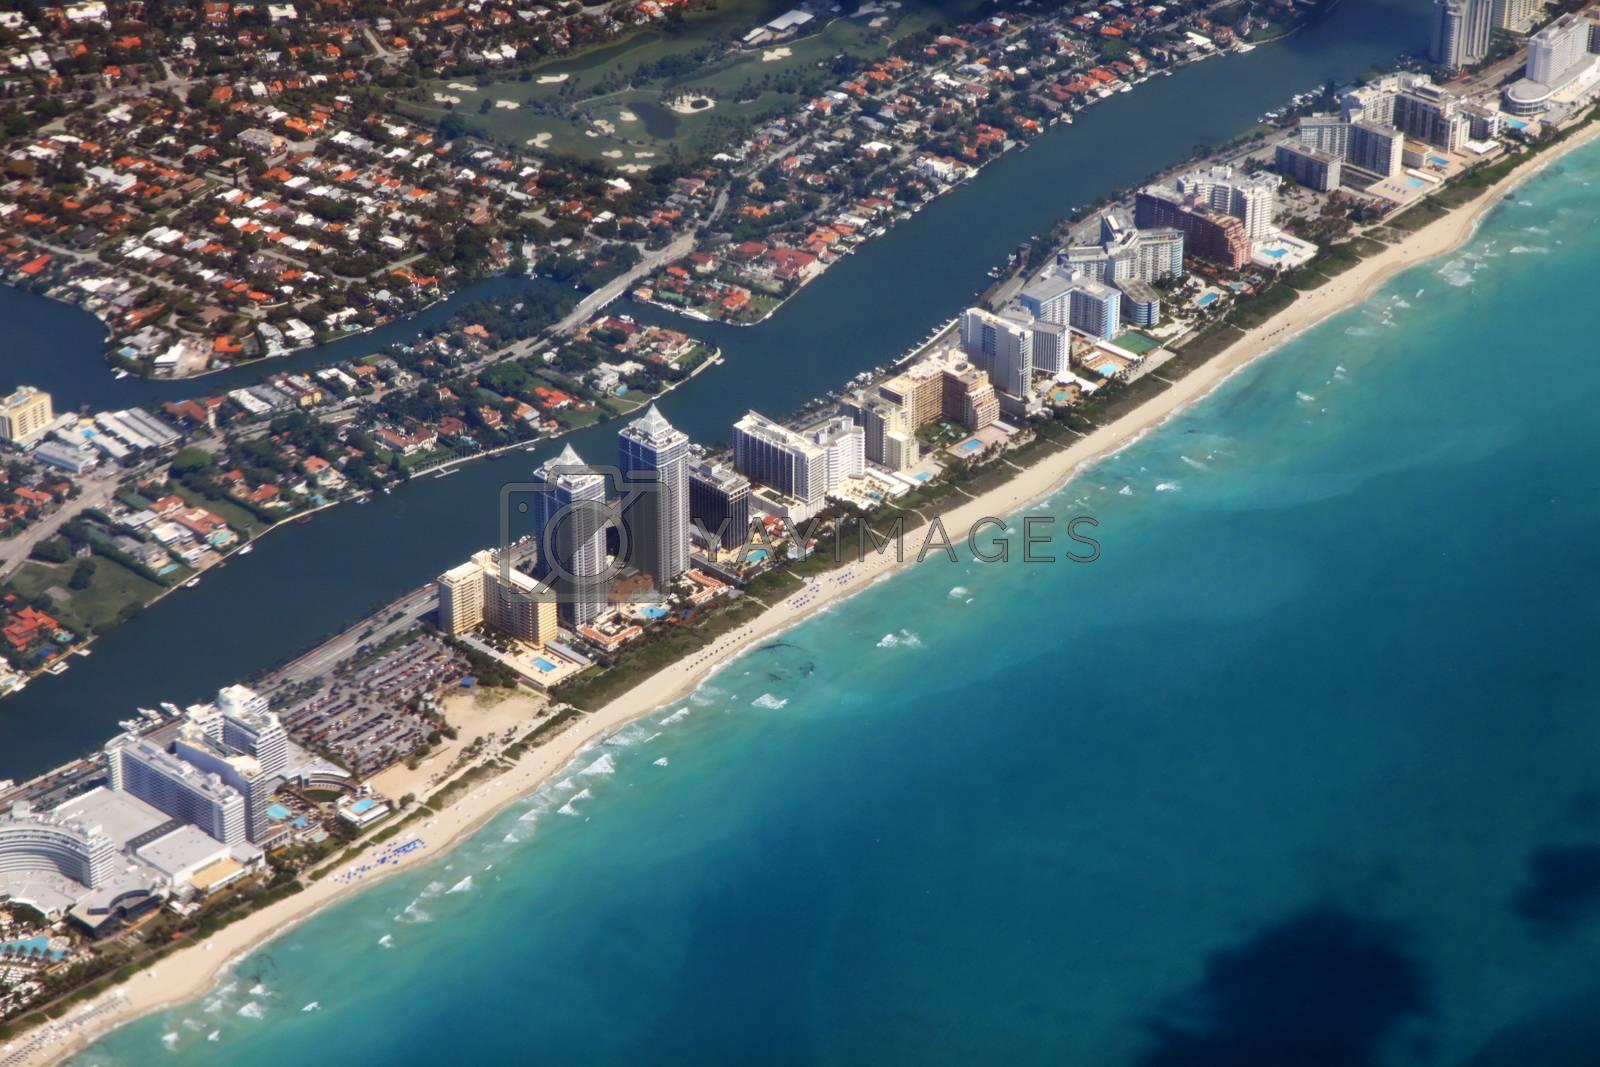 Miami coastline seen from high altitude